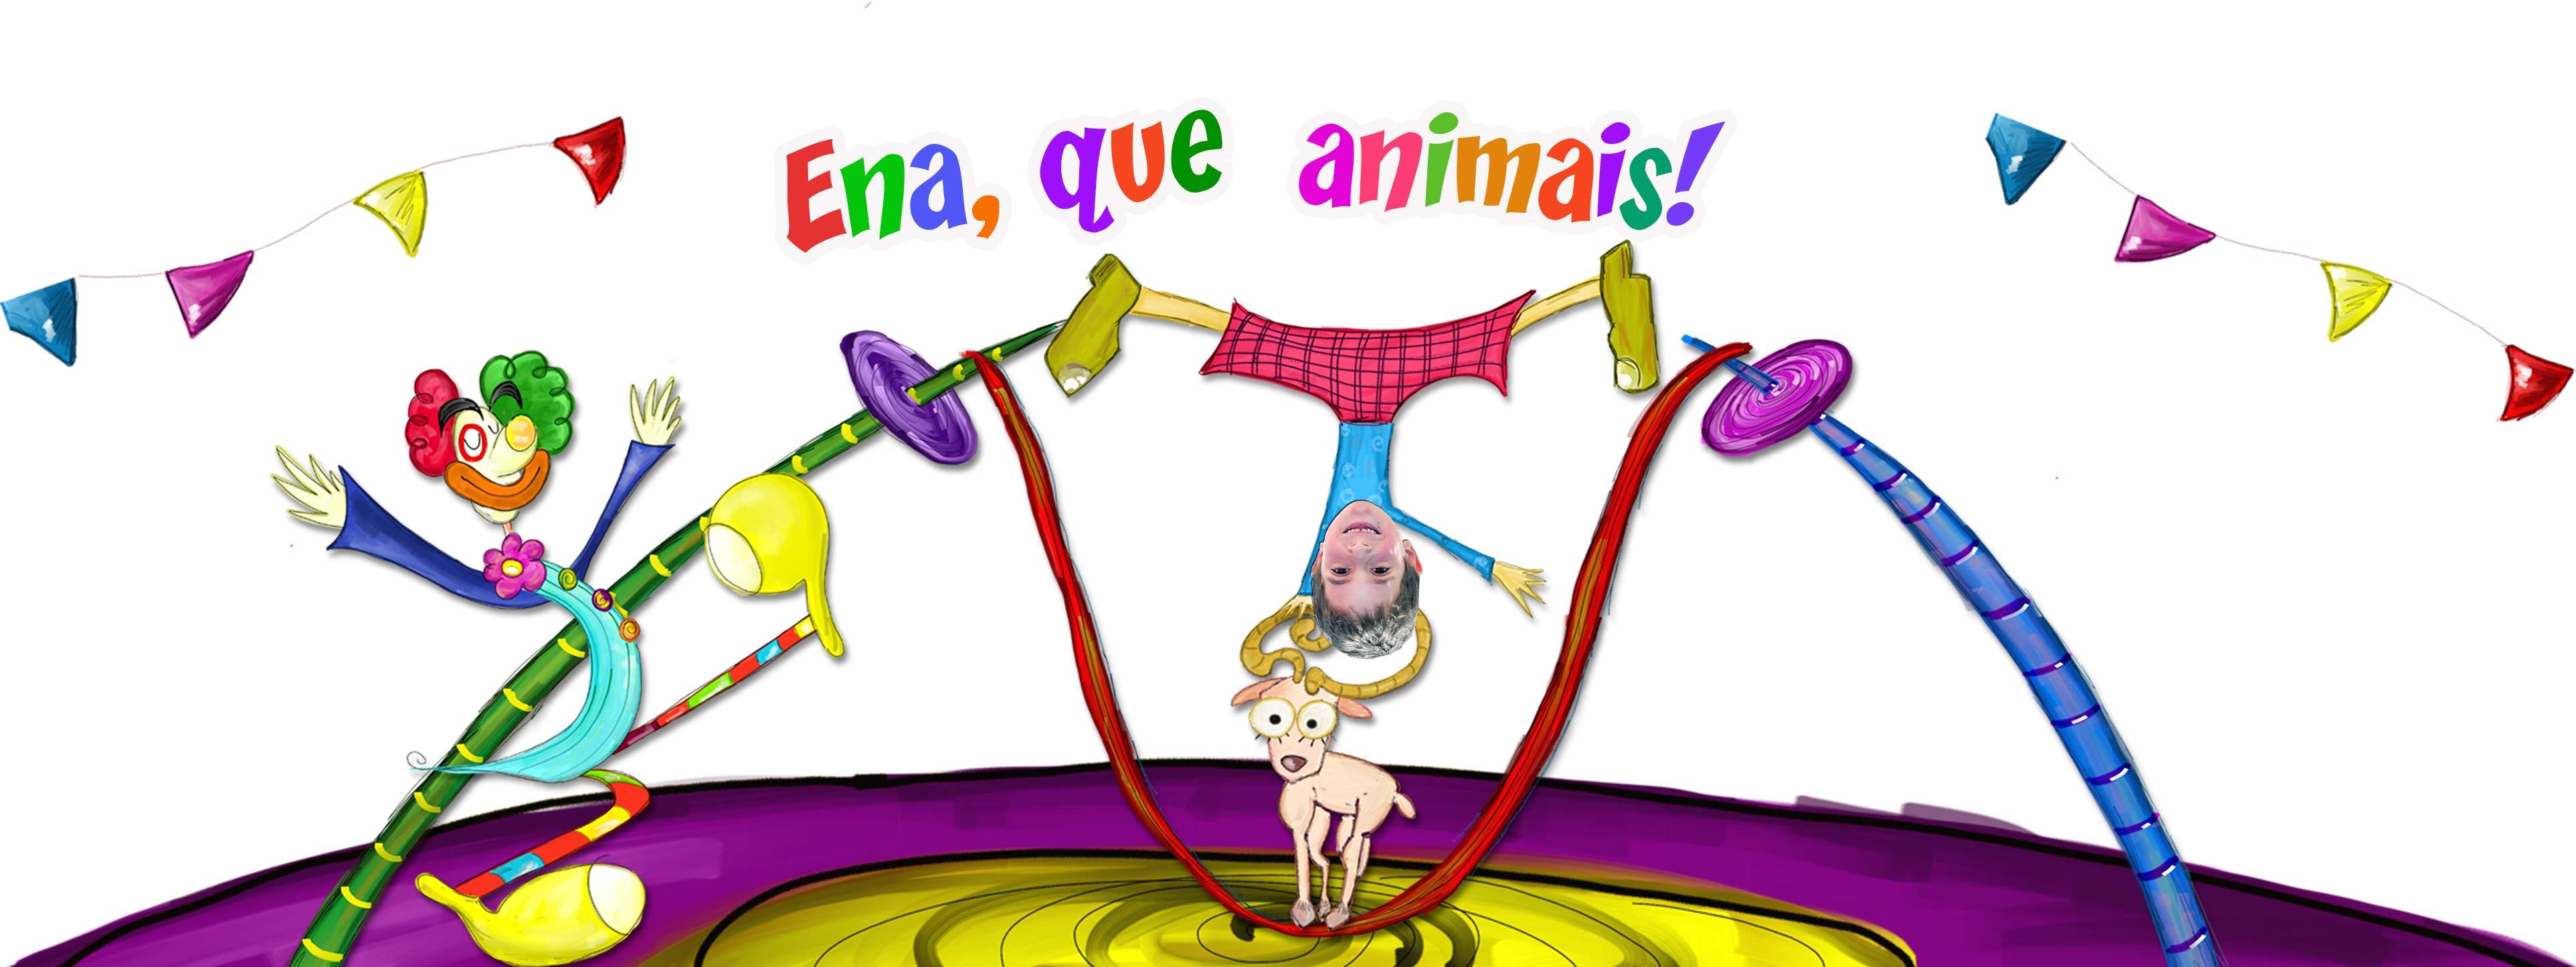 Prendas para crianças: conto do circo e os seus animais - Cabeçalho do produto